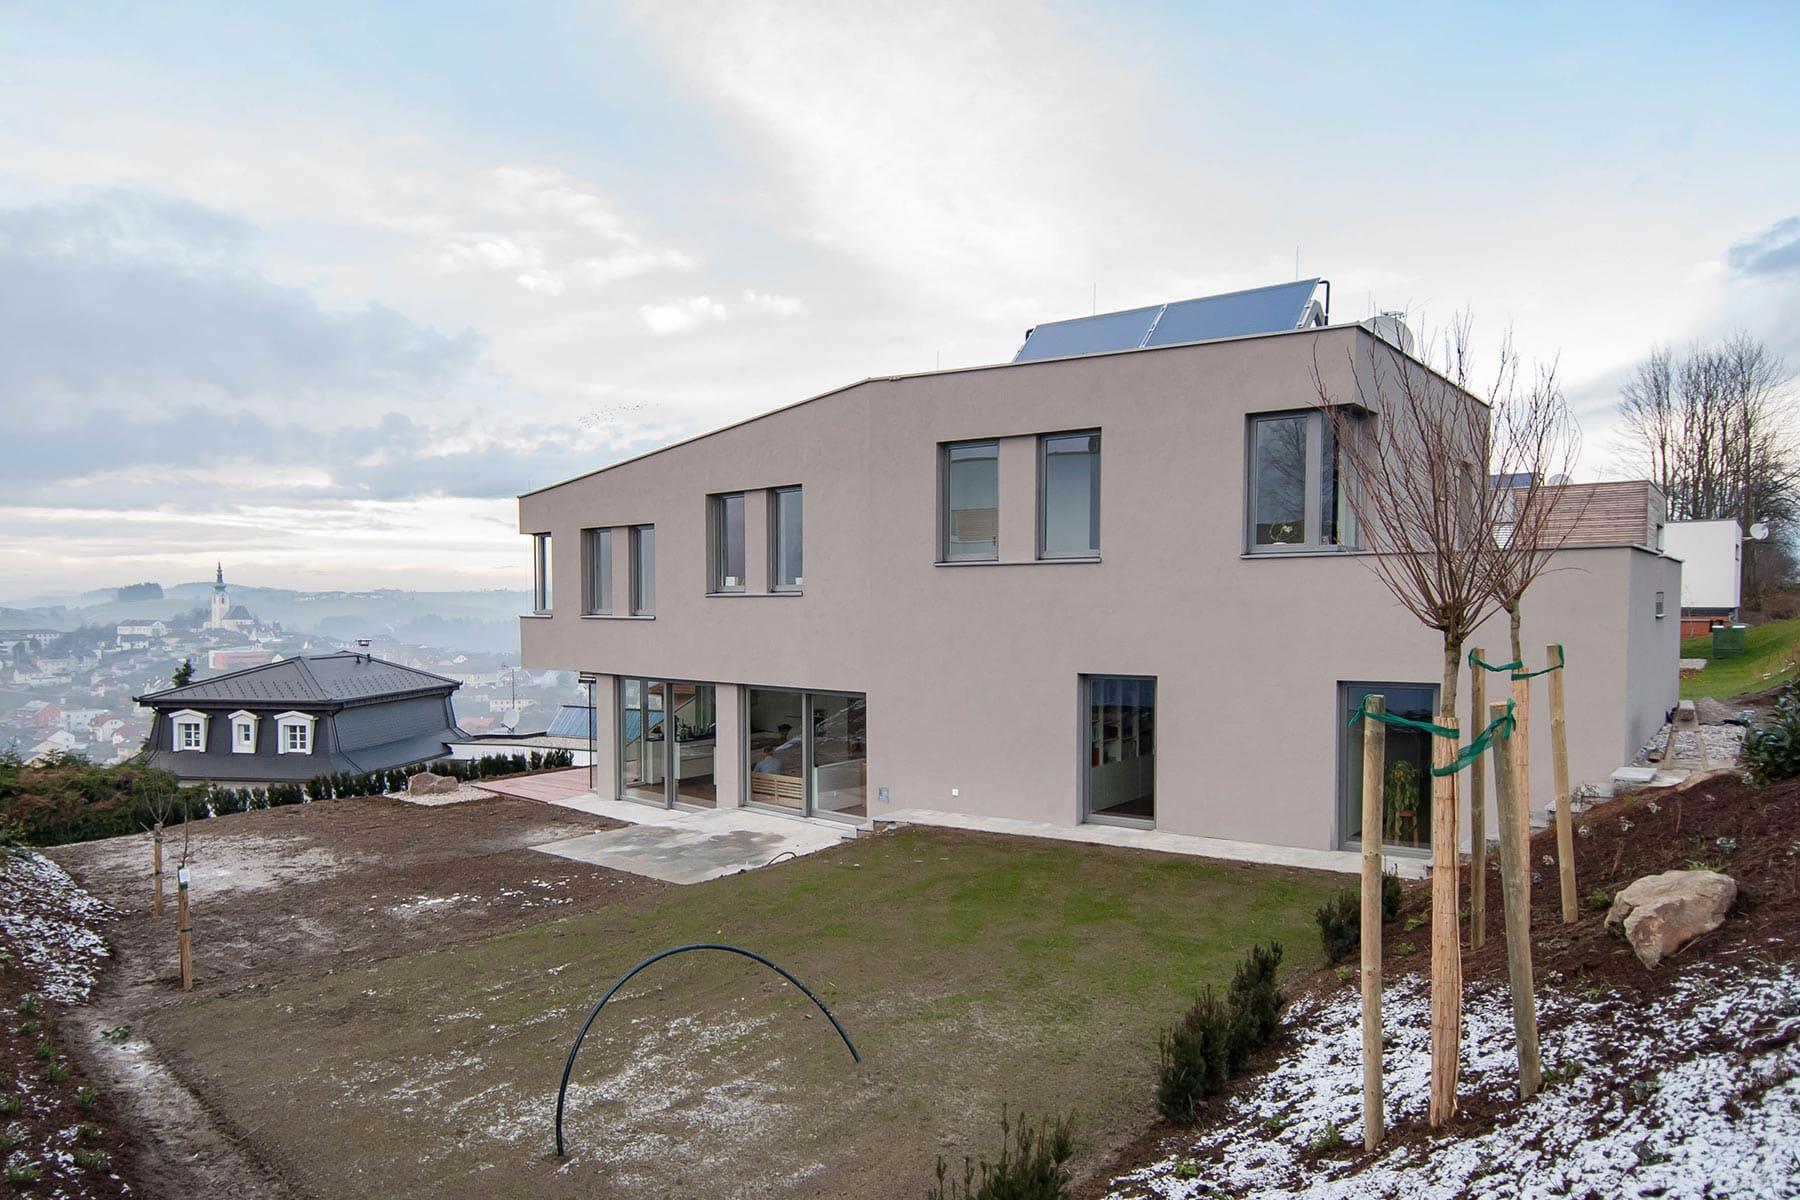 Gartenfassade, Haus am Berg, architekt, hanghaus, haus am hang, architektur, architektenhaus, gramastetten